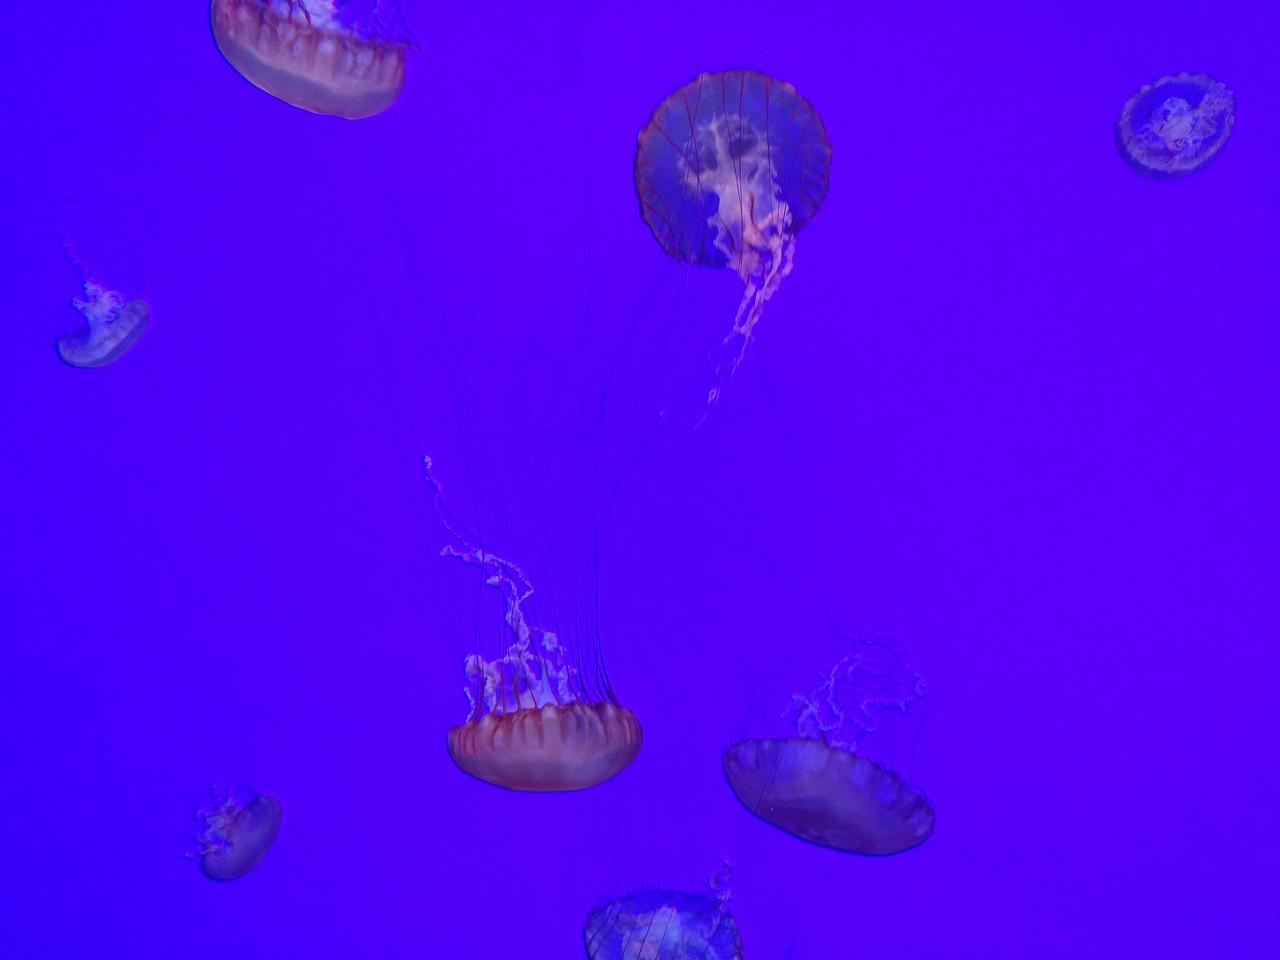 048 - Toronto - Aquarium - Jellyfish 1